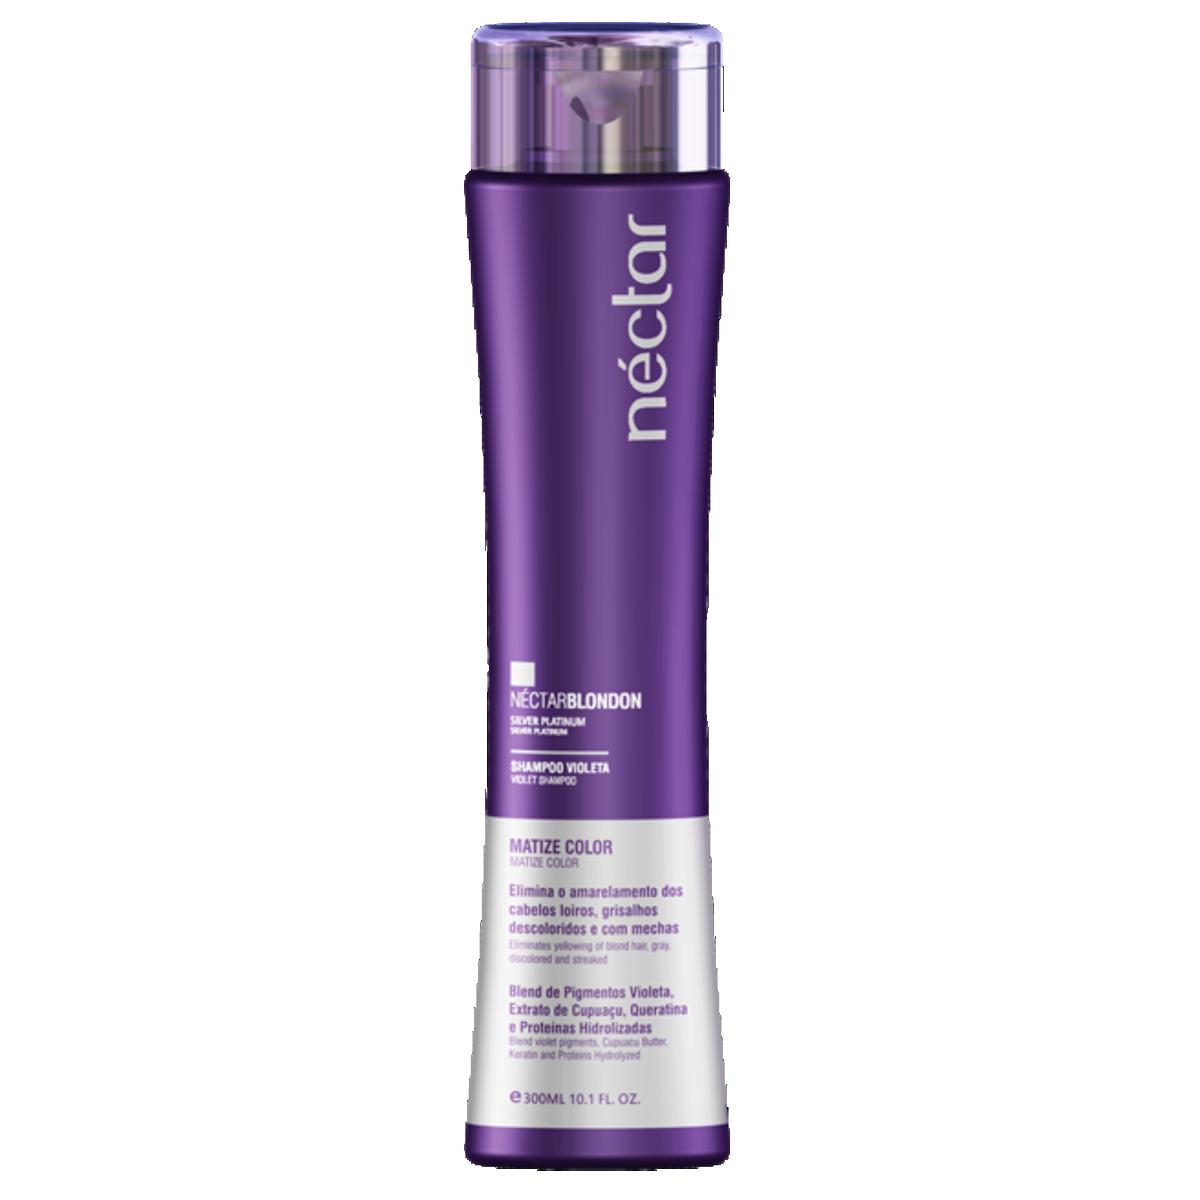 Shampoo para Cabelos Loiros e com Luzes 300ml - Kit Néctar Blondon